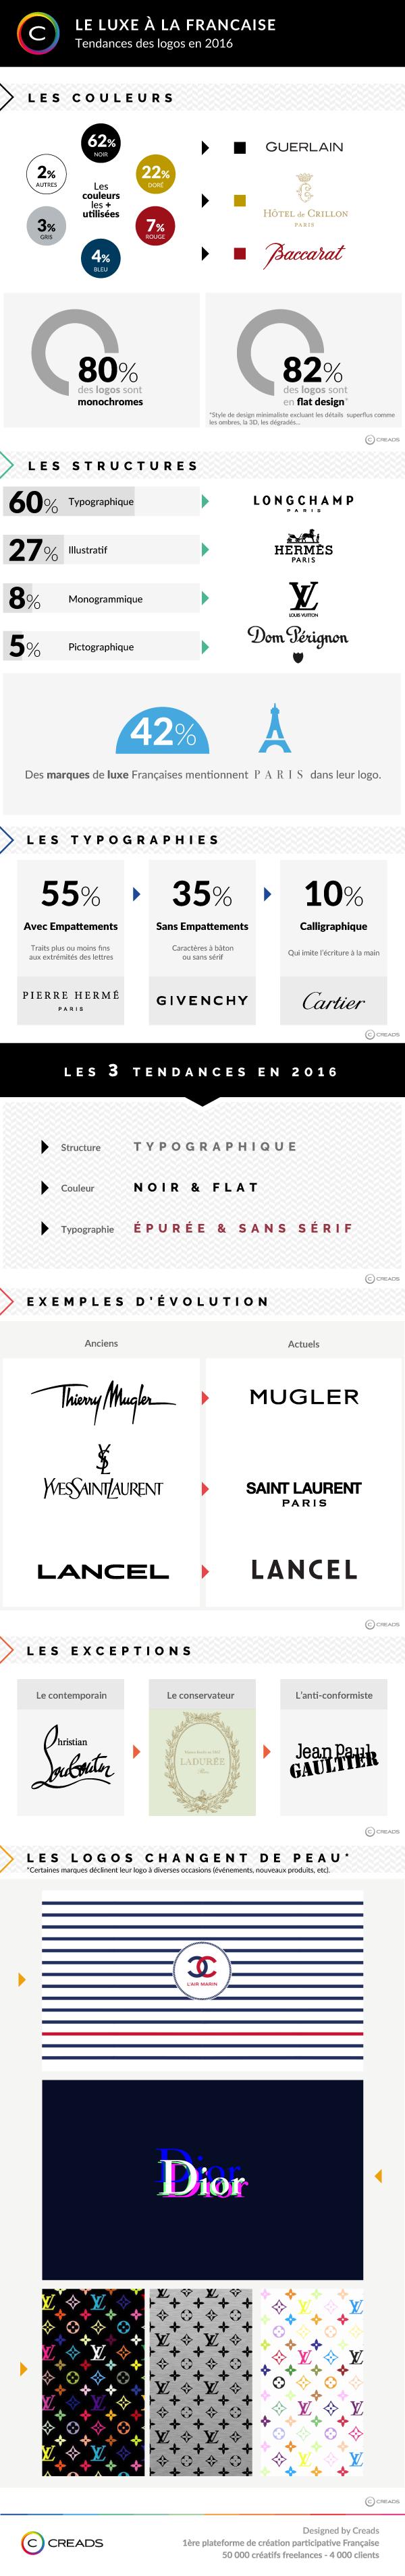 logos dans le luxe en 2016